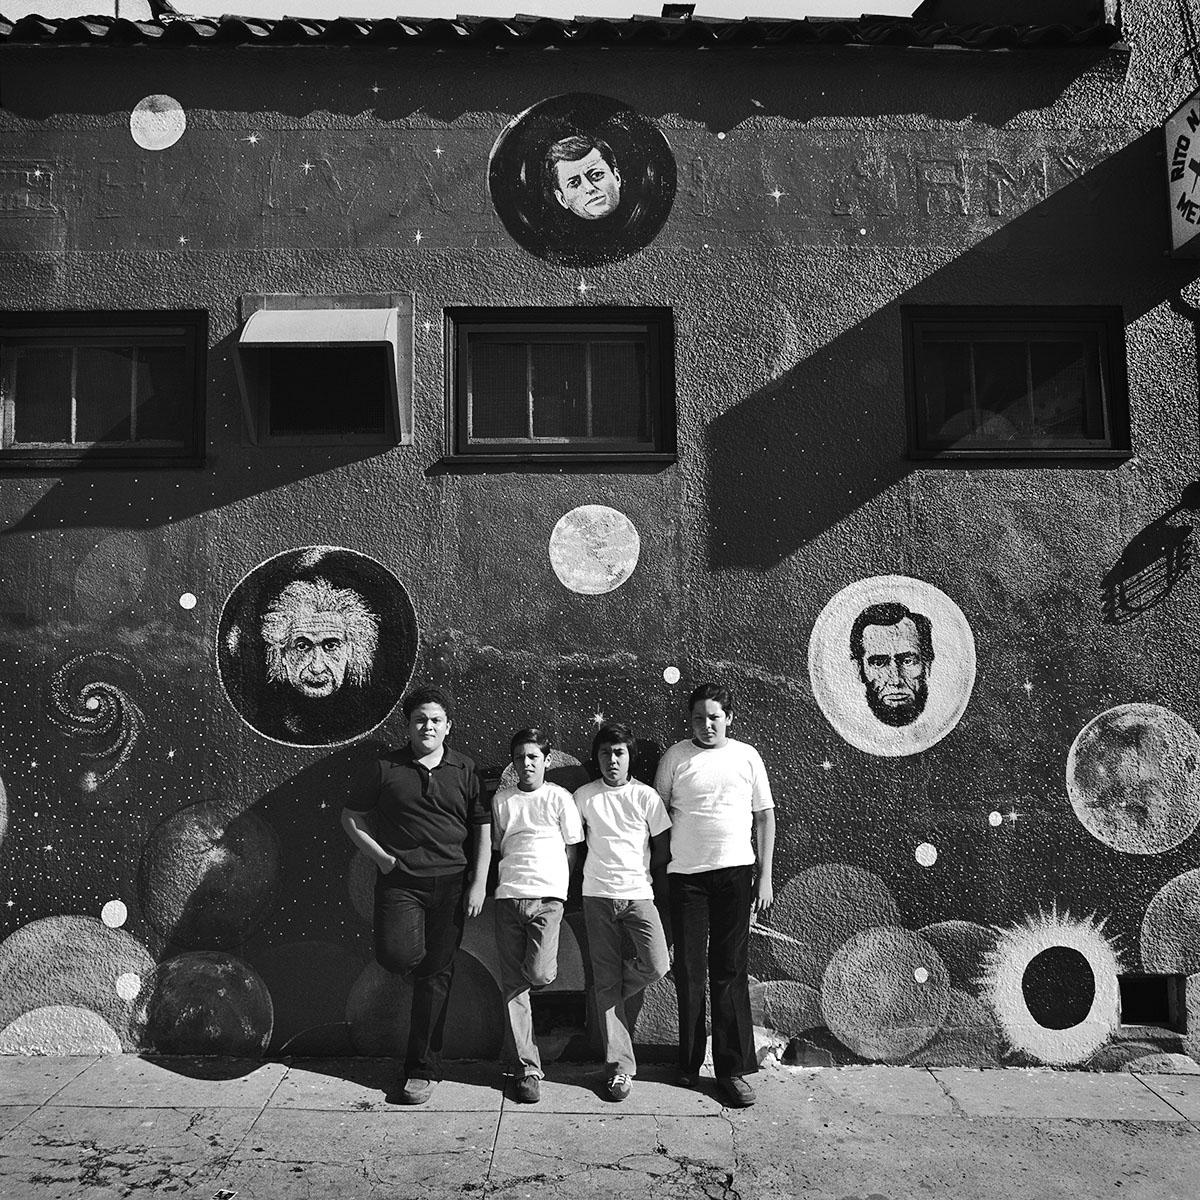 Four Boys, East Los Angeles, 1978